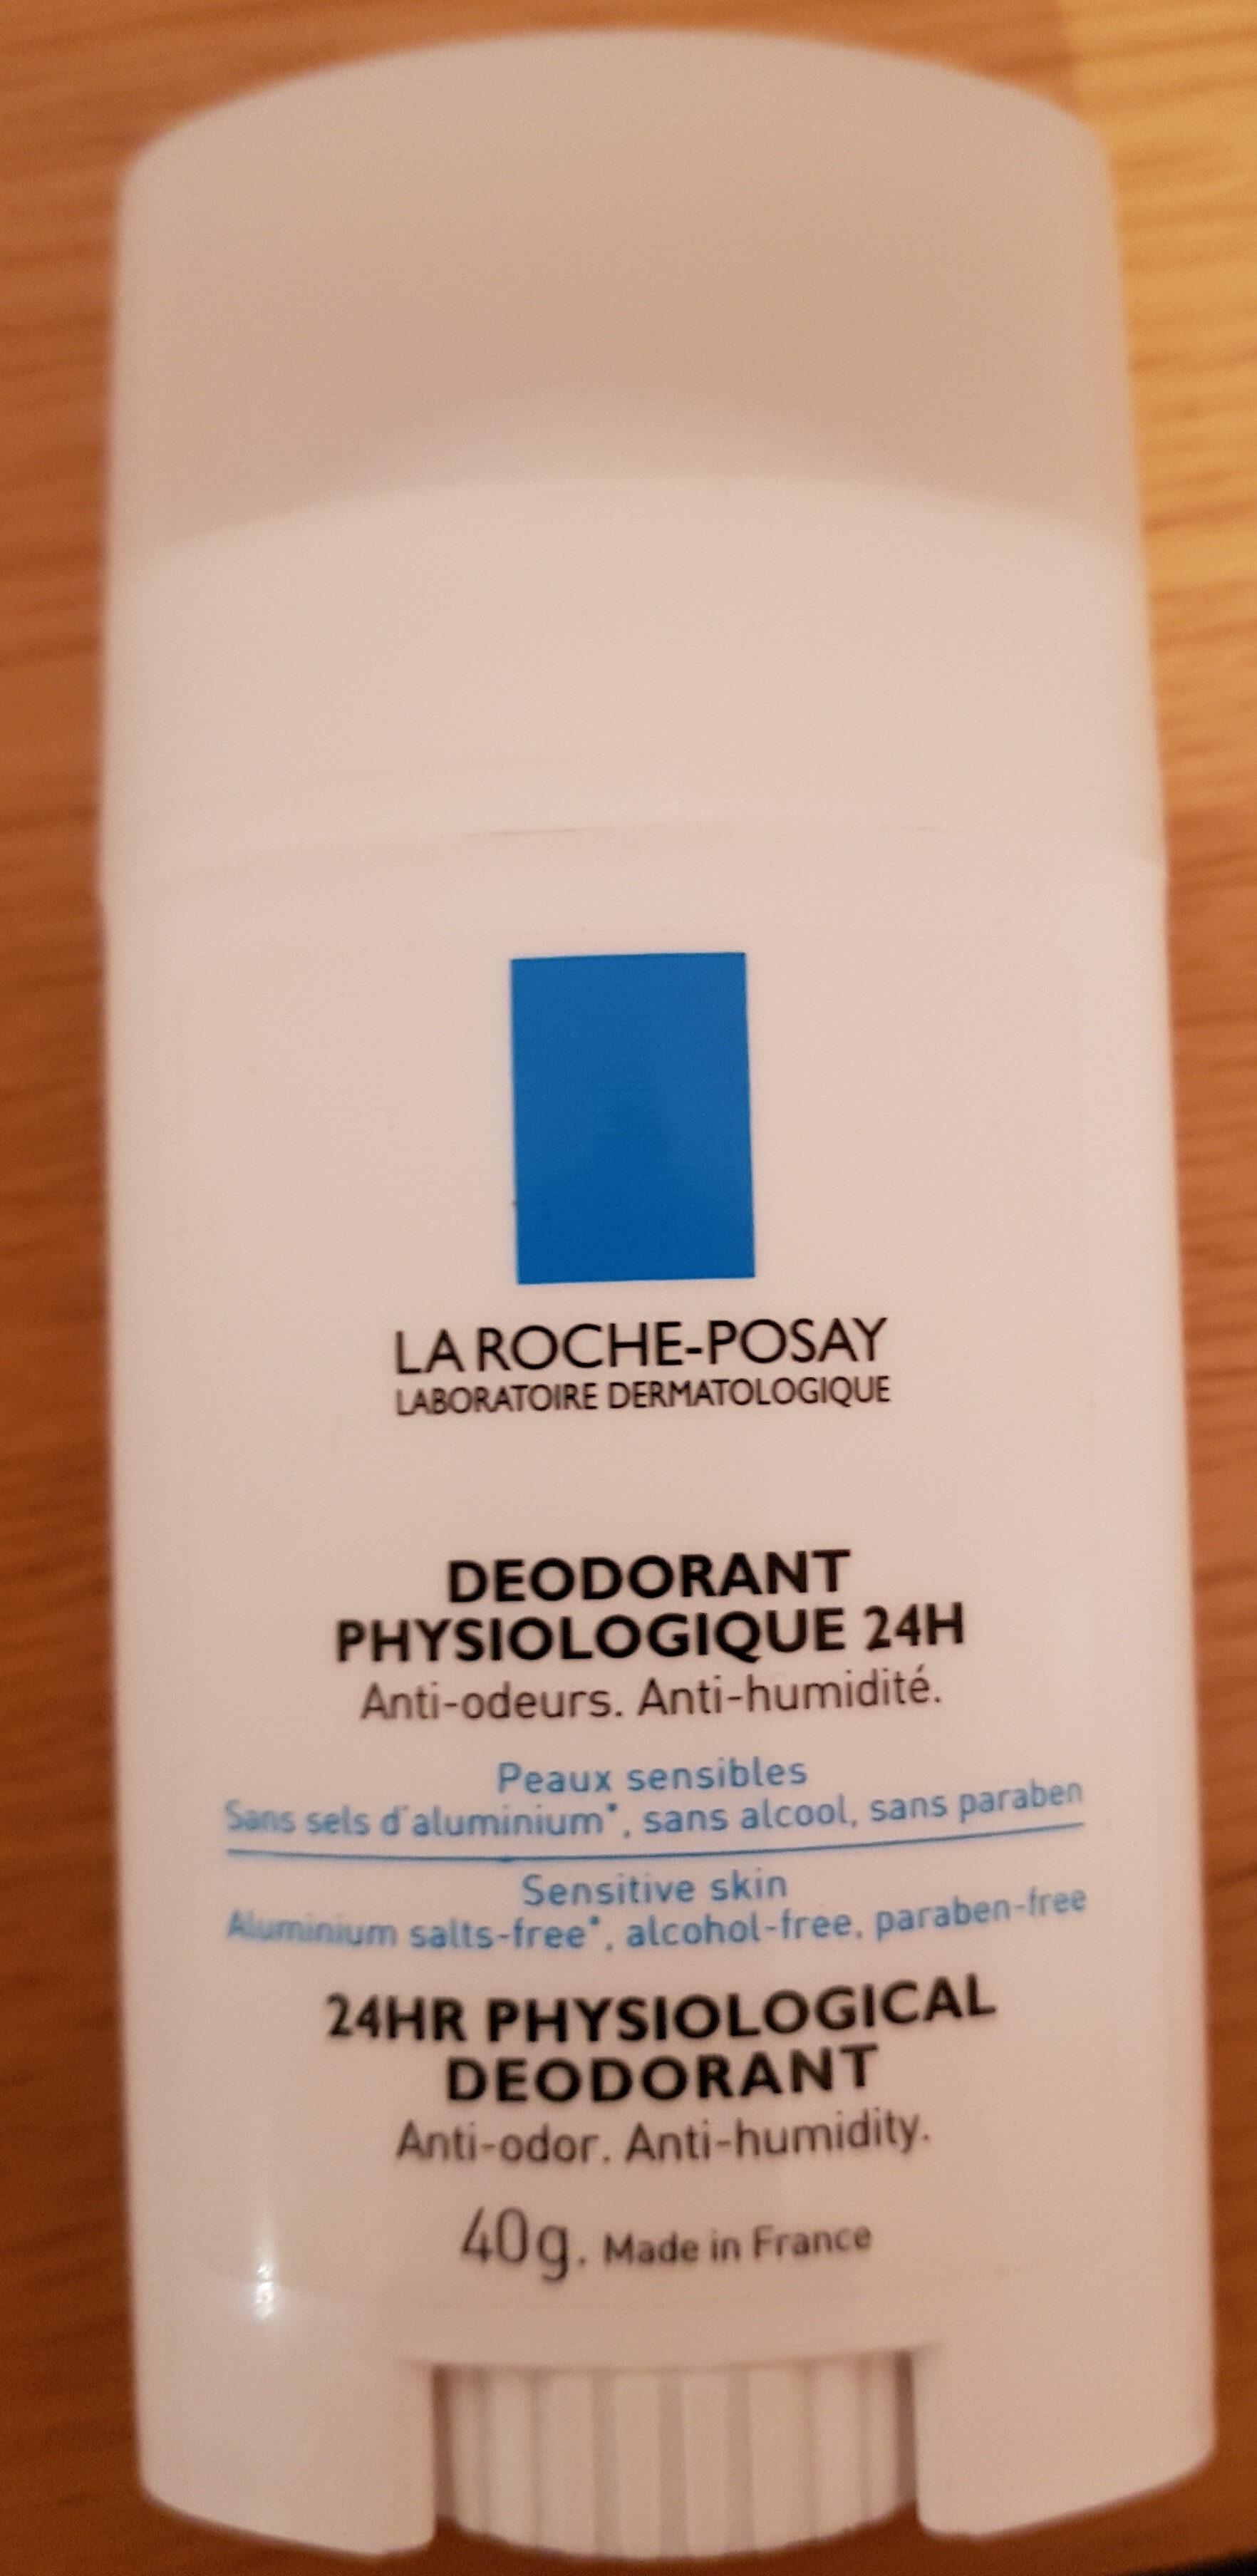 déodorant 24h peaux sensibles - Produit - en